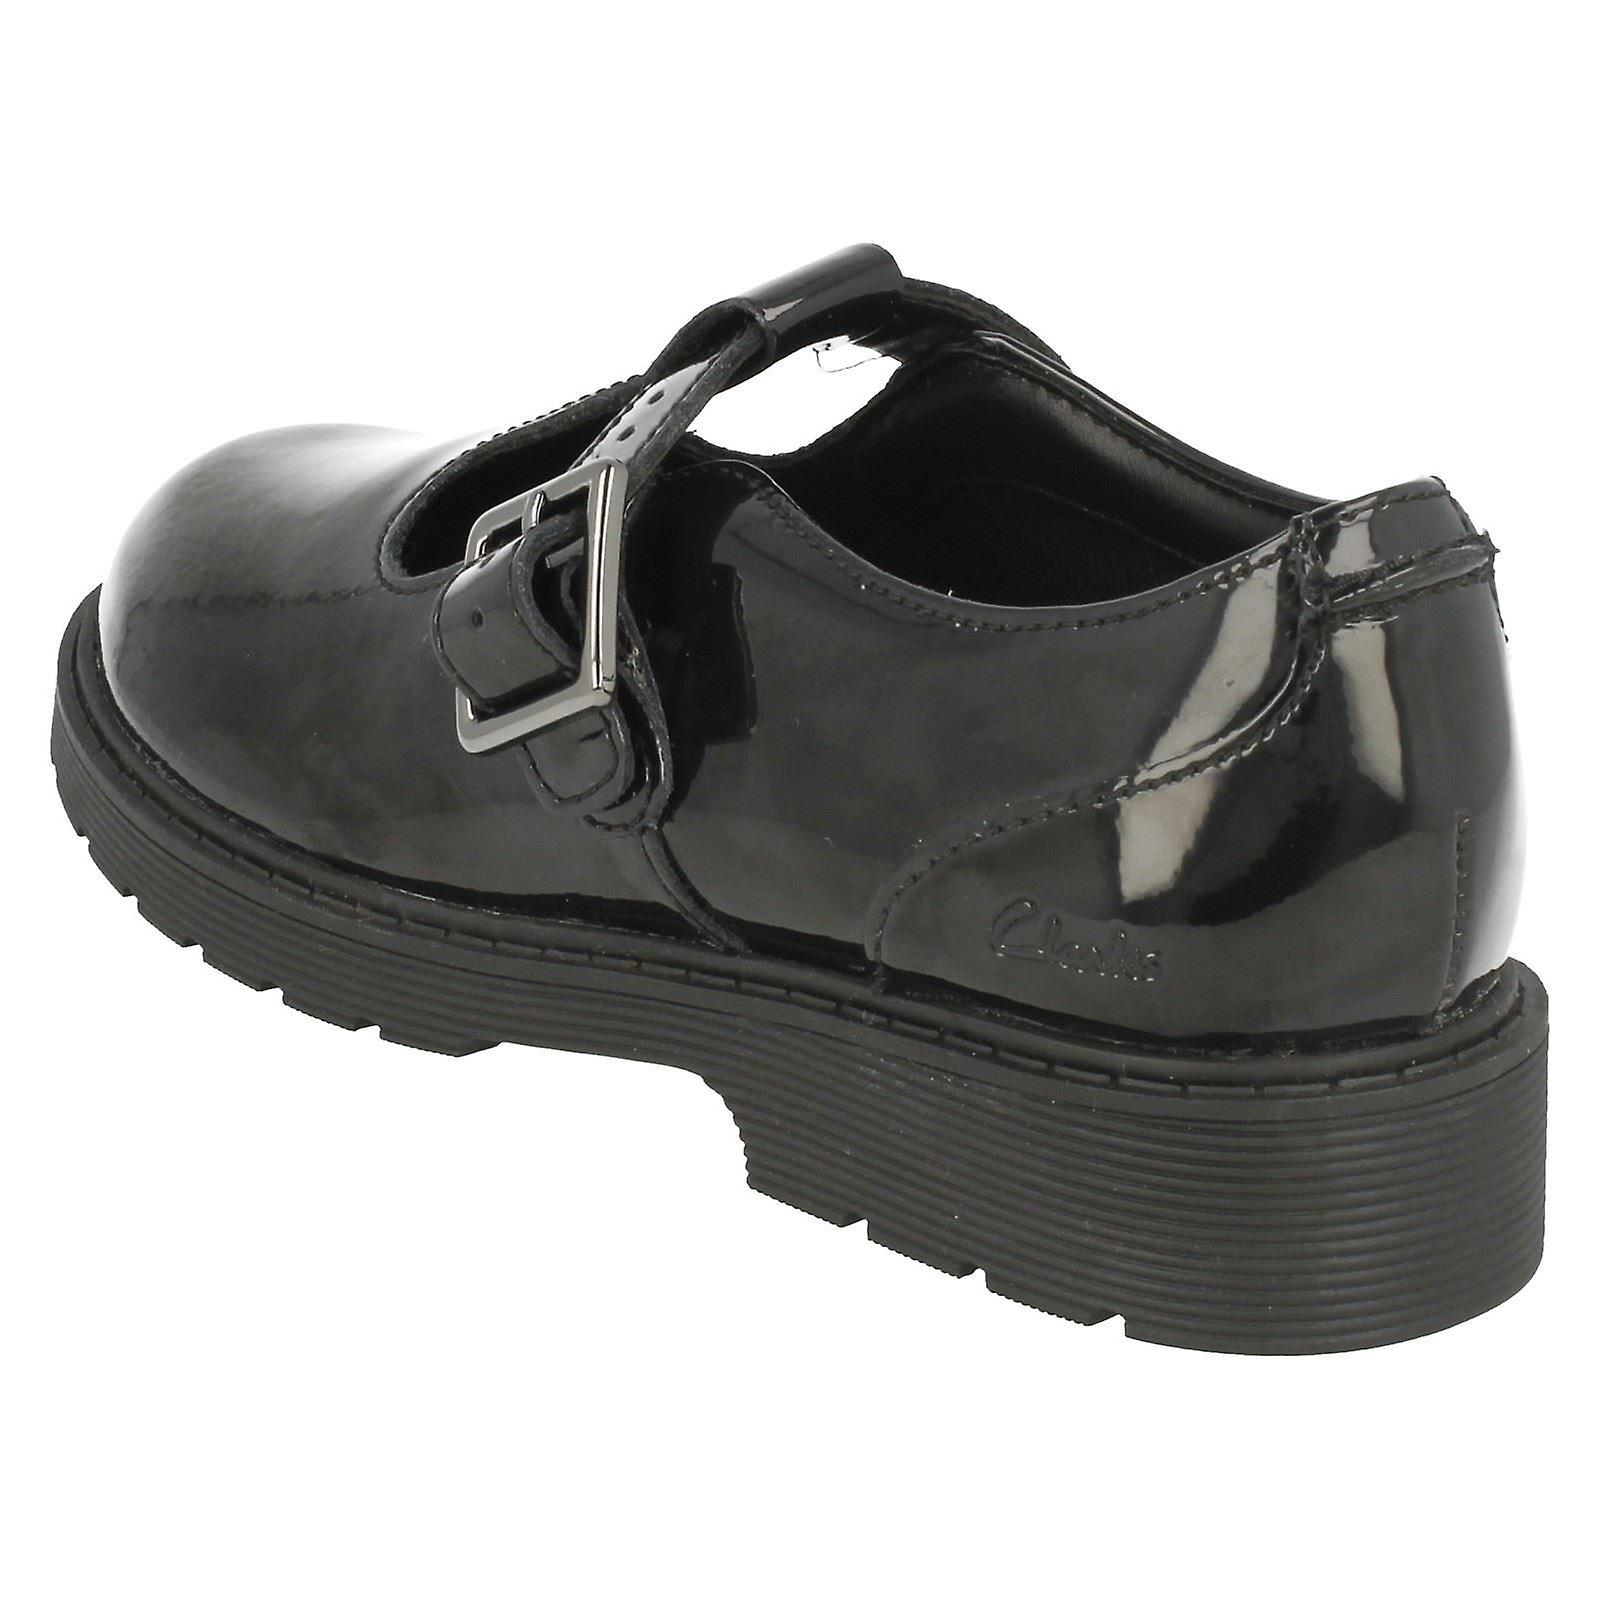 Girls Clarks T Bar School Shoes Purley Go Fruugo